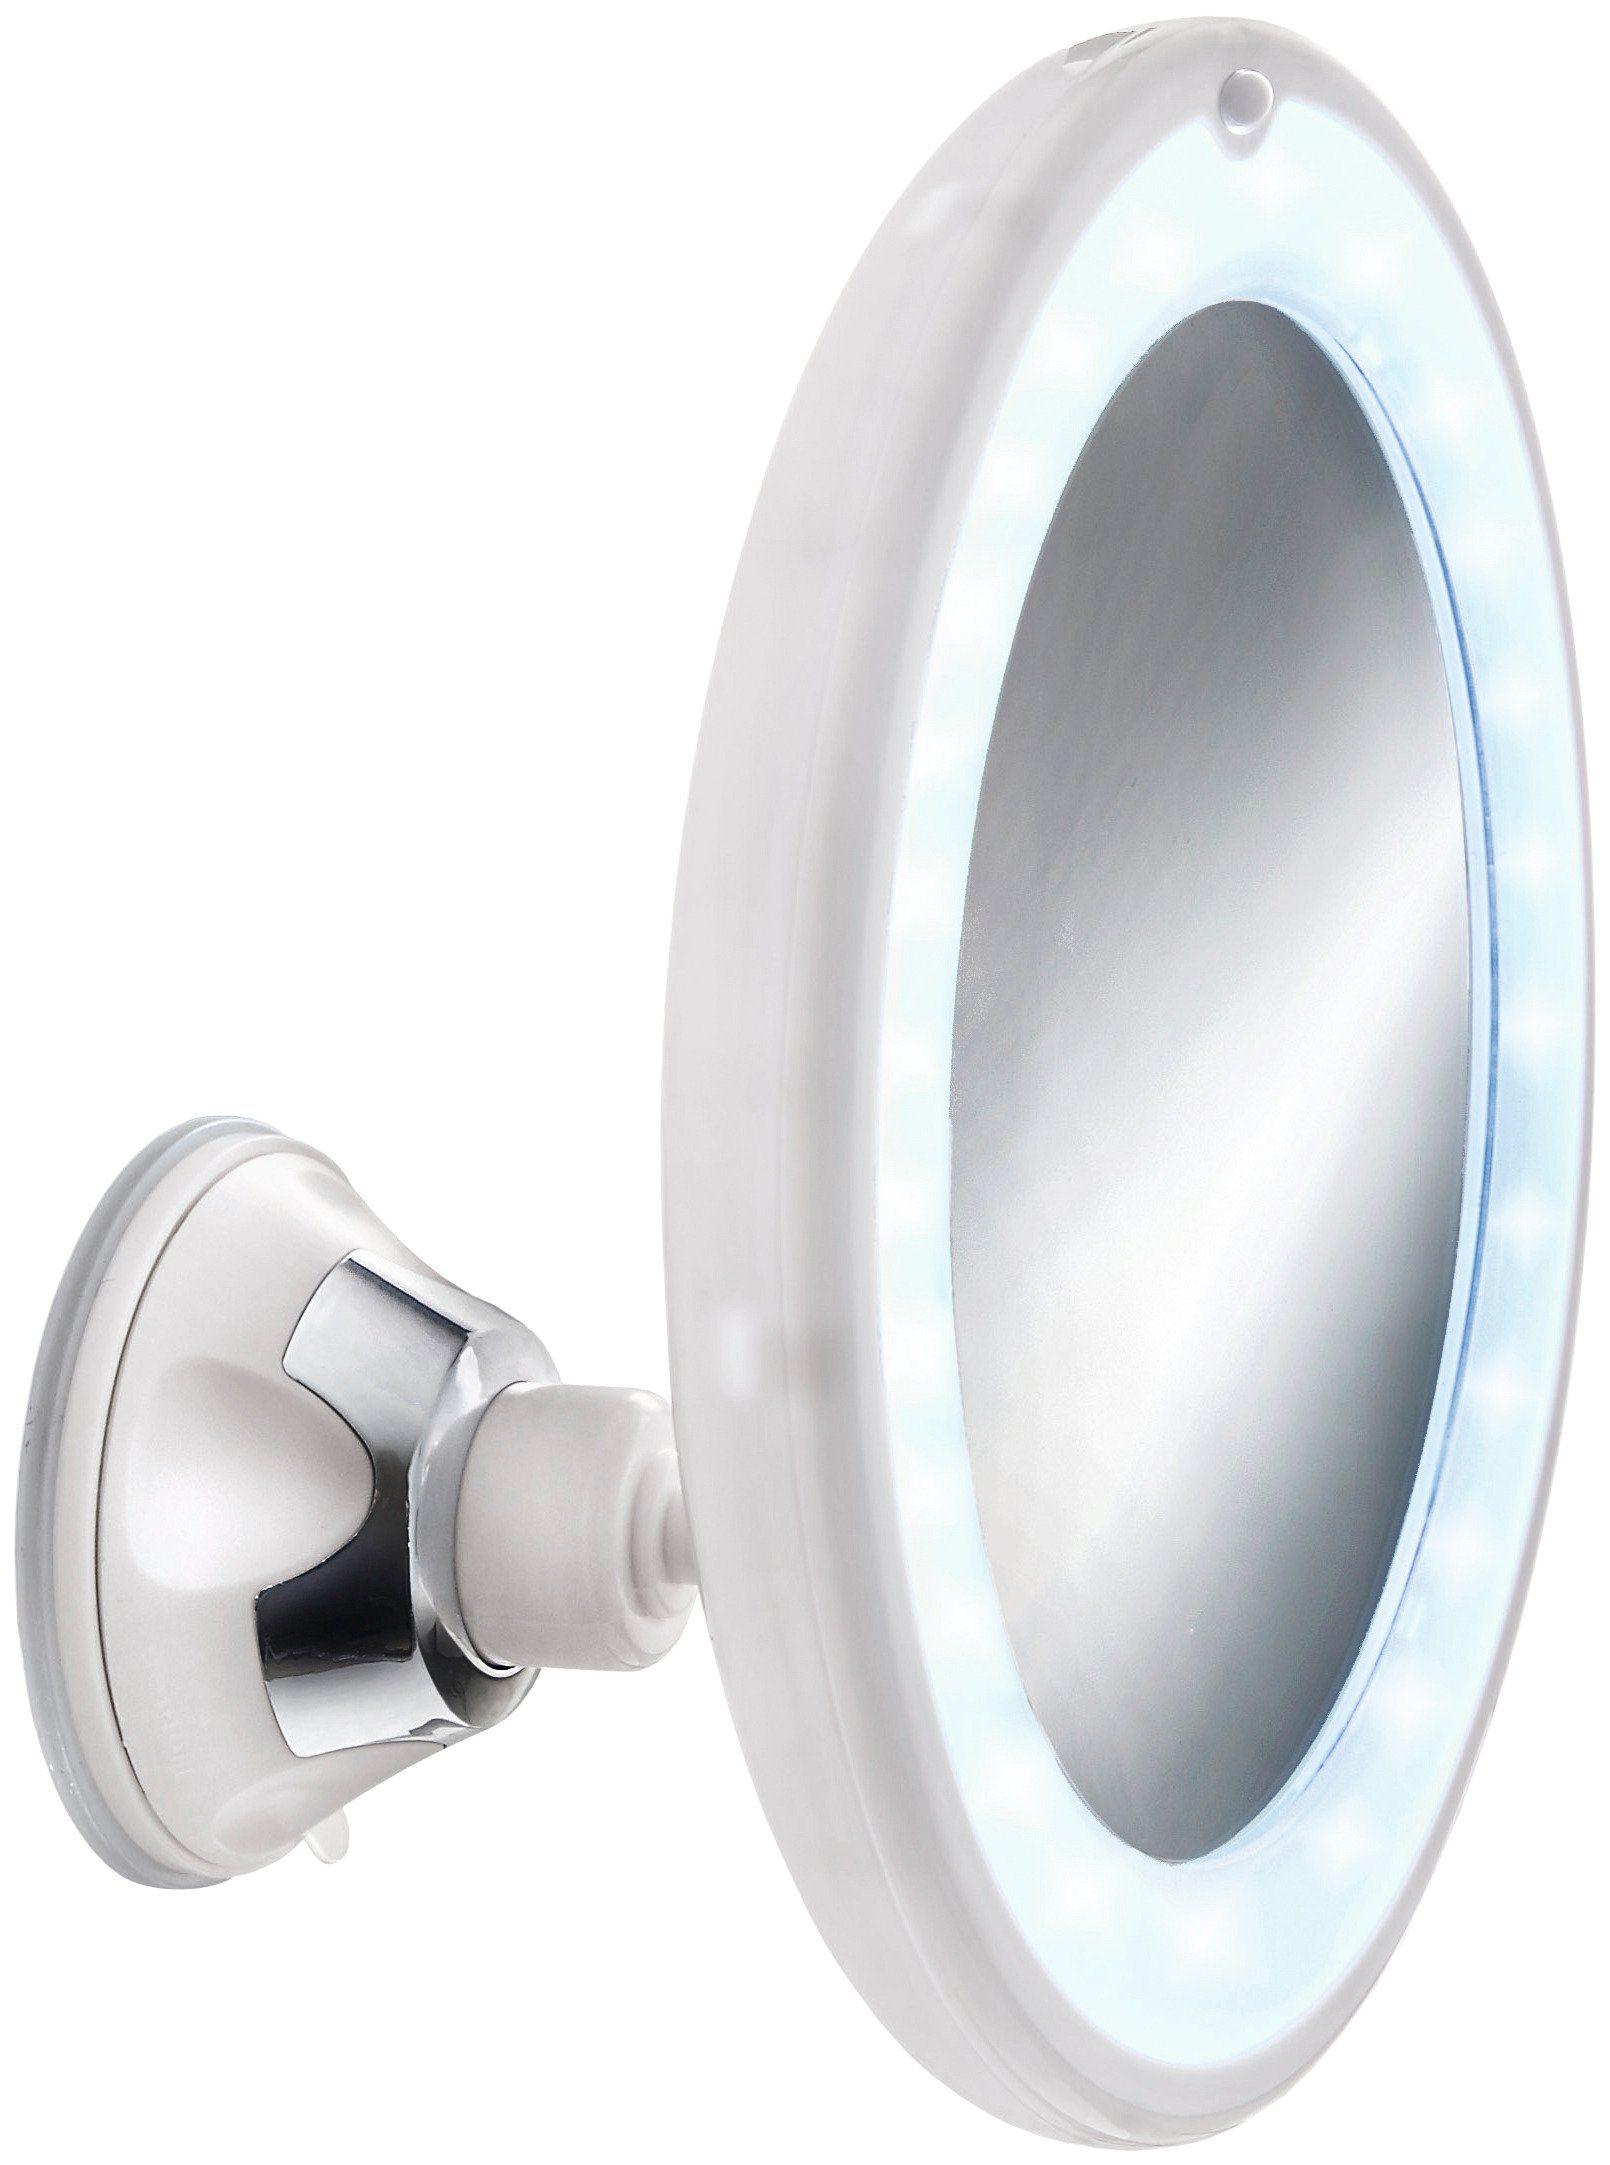 Spiegel / Kosmetikspiegel »Flexy Light« Breite 17,5 cm, mit Beleuchtung